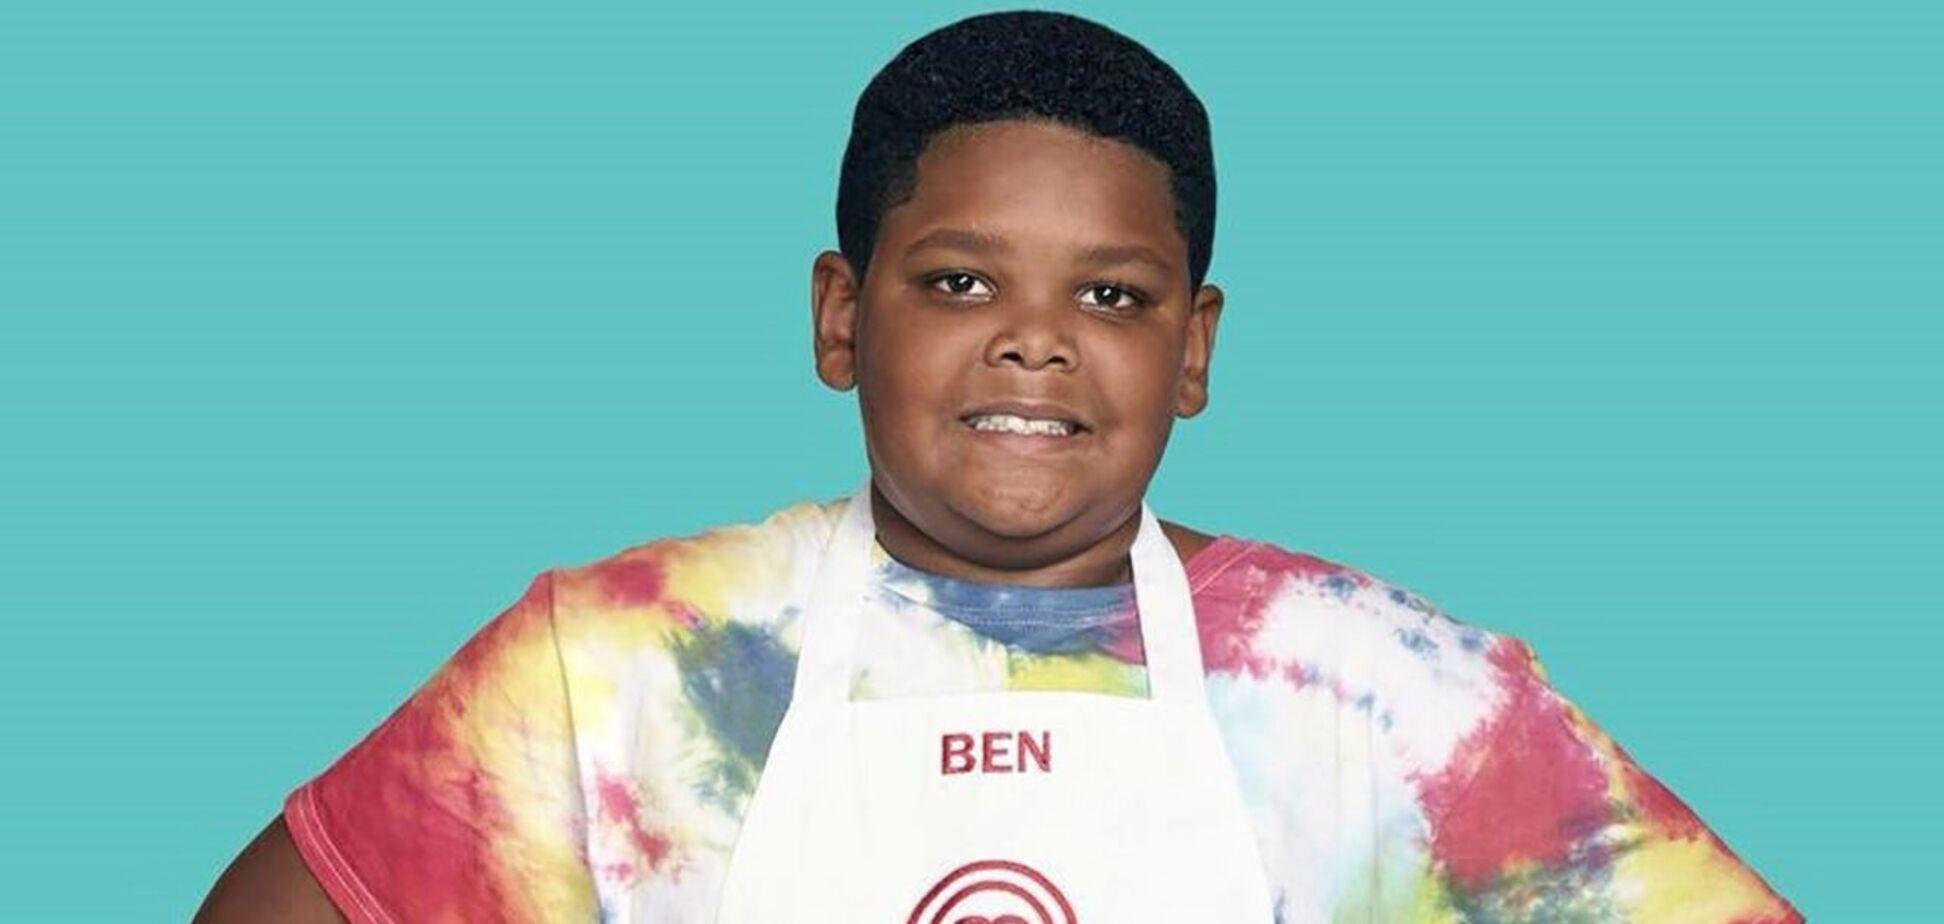 У Британії помер 14-річний учасник кулінарного шоу 'МастерШеф'